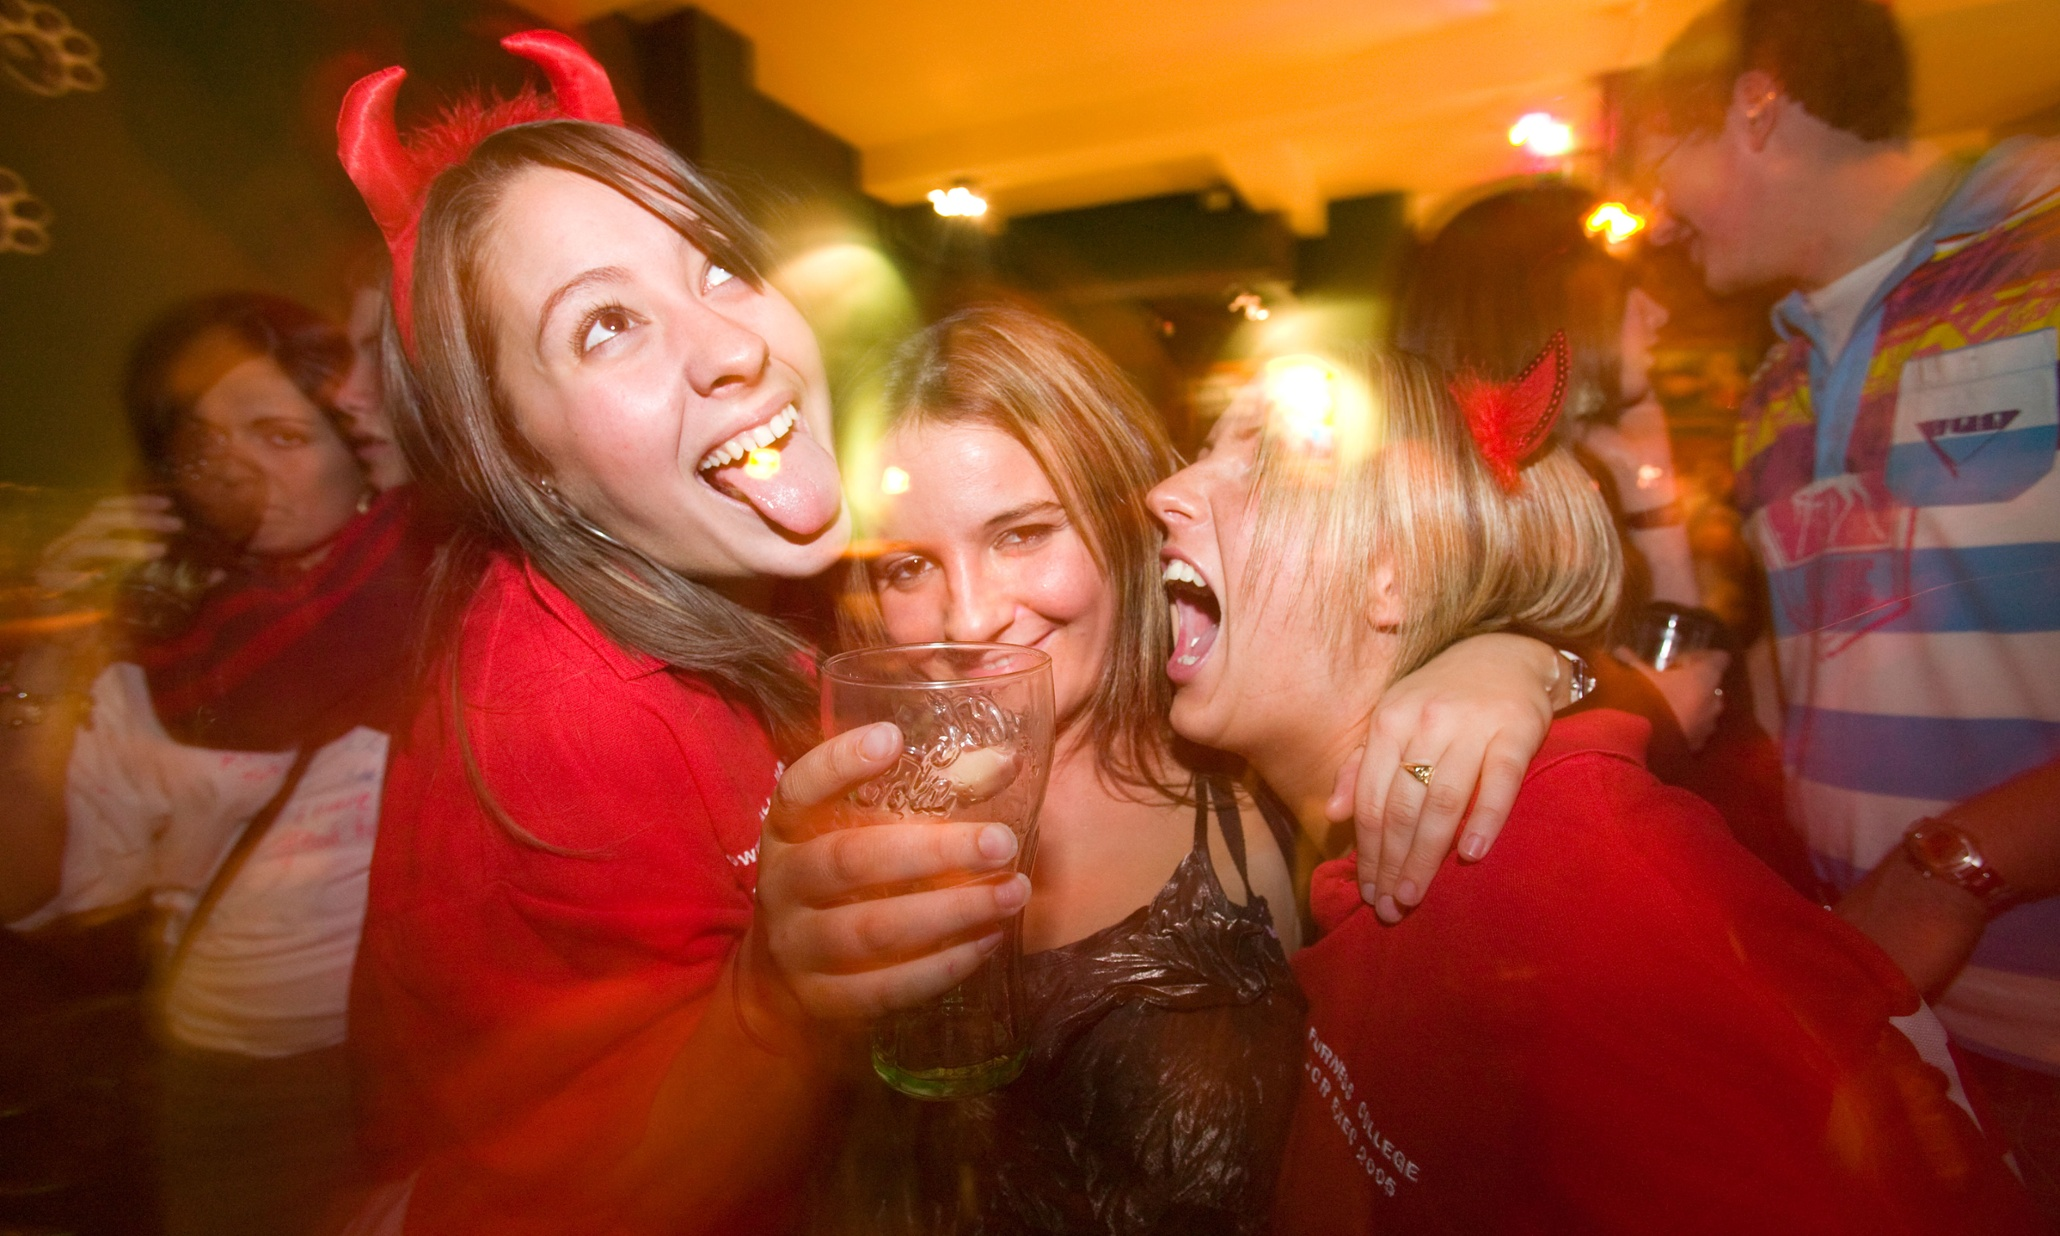 Пьяная и доступная 23 фотография